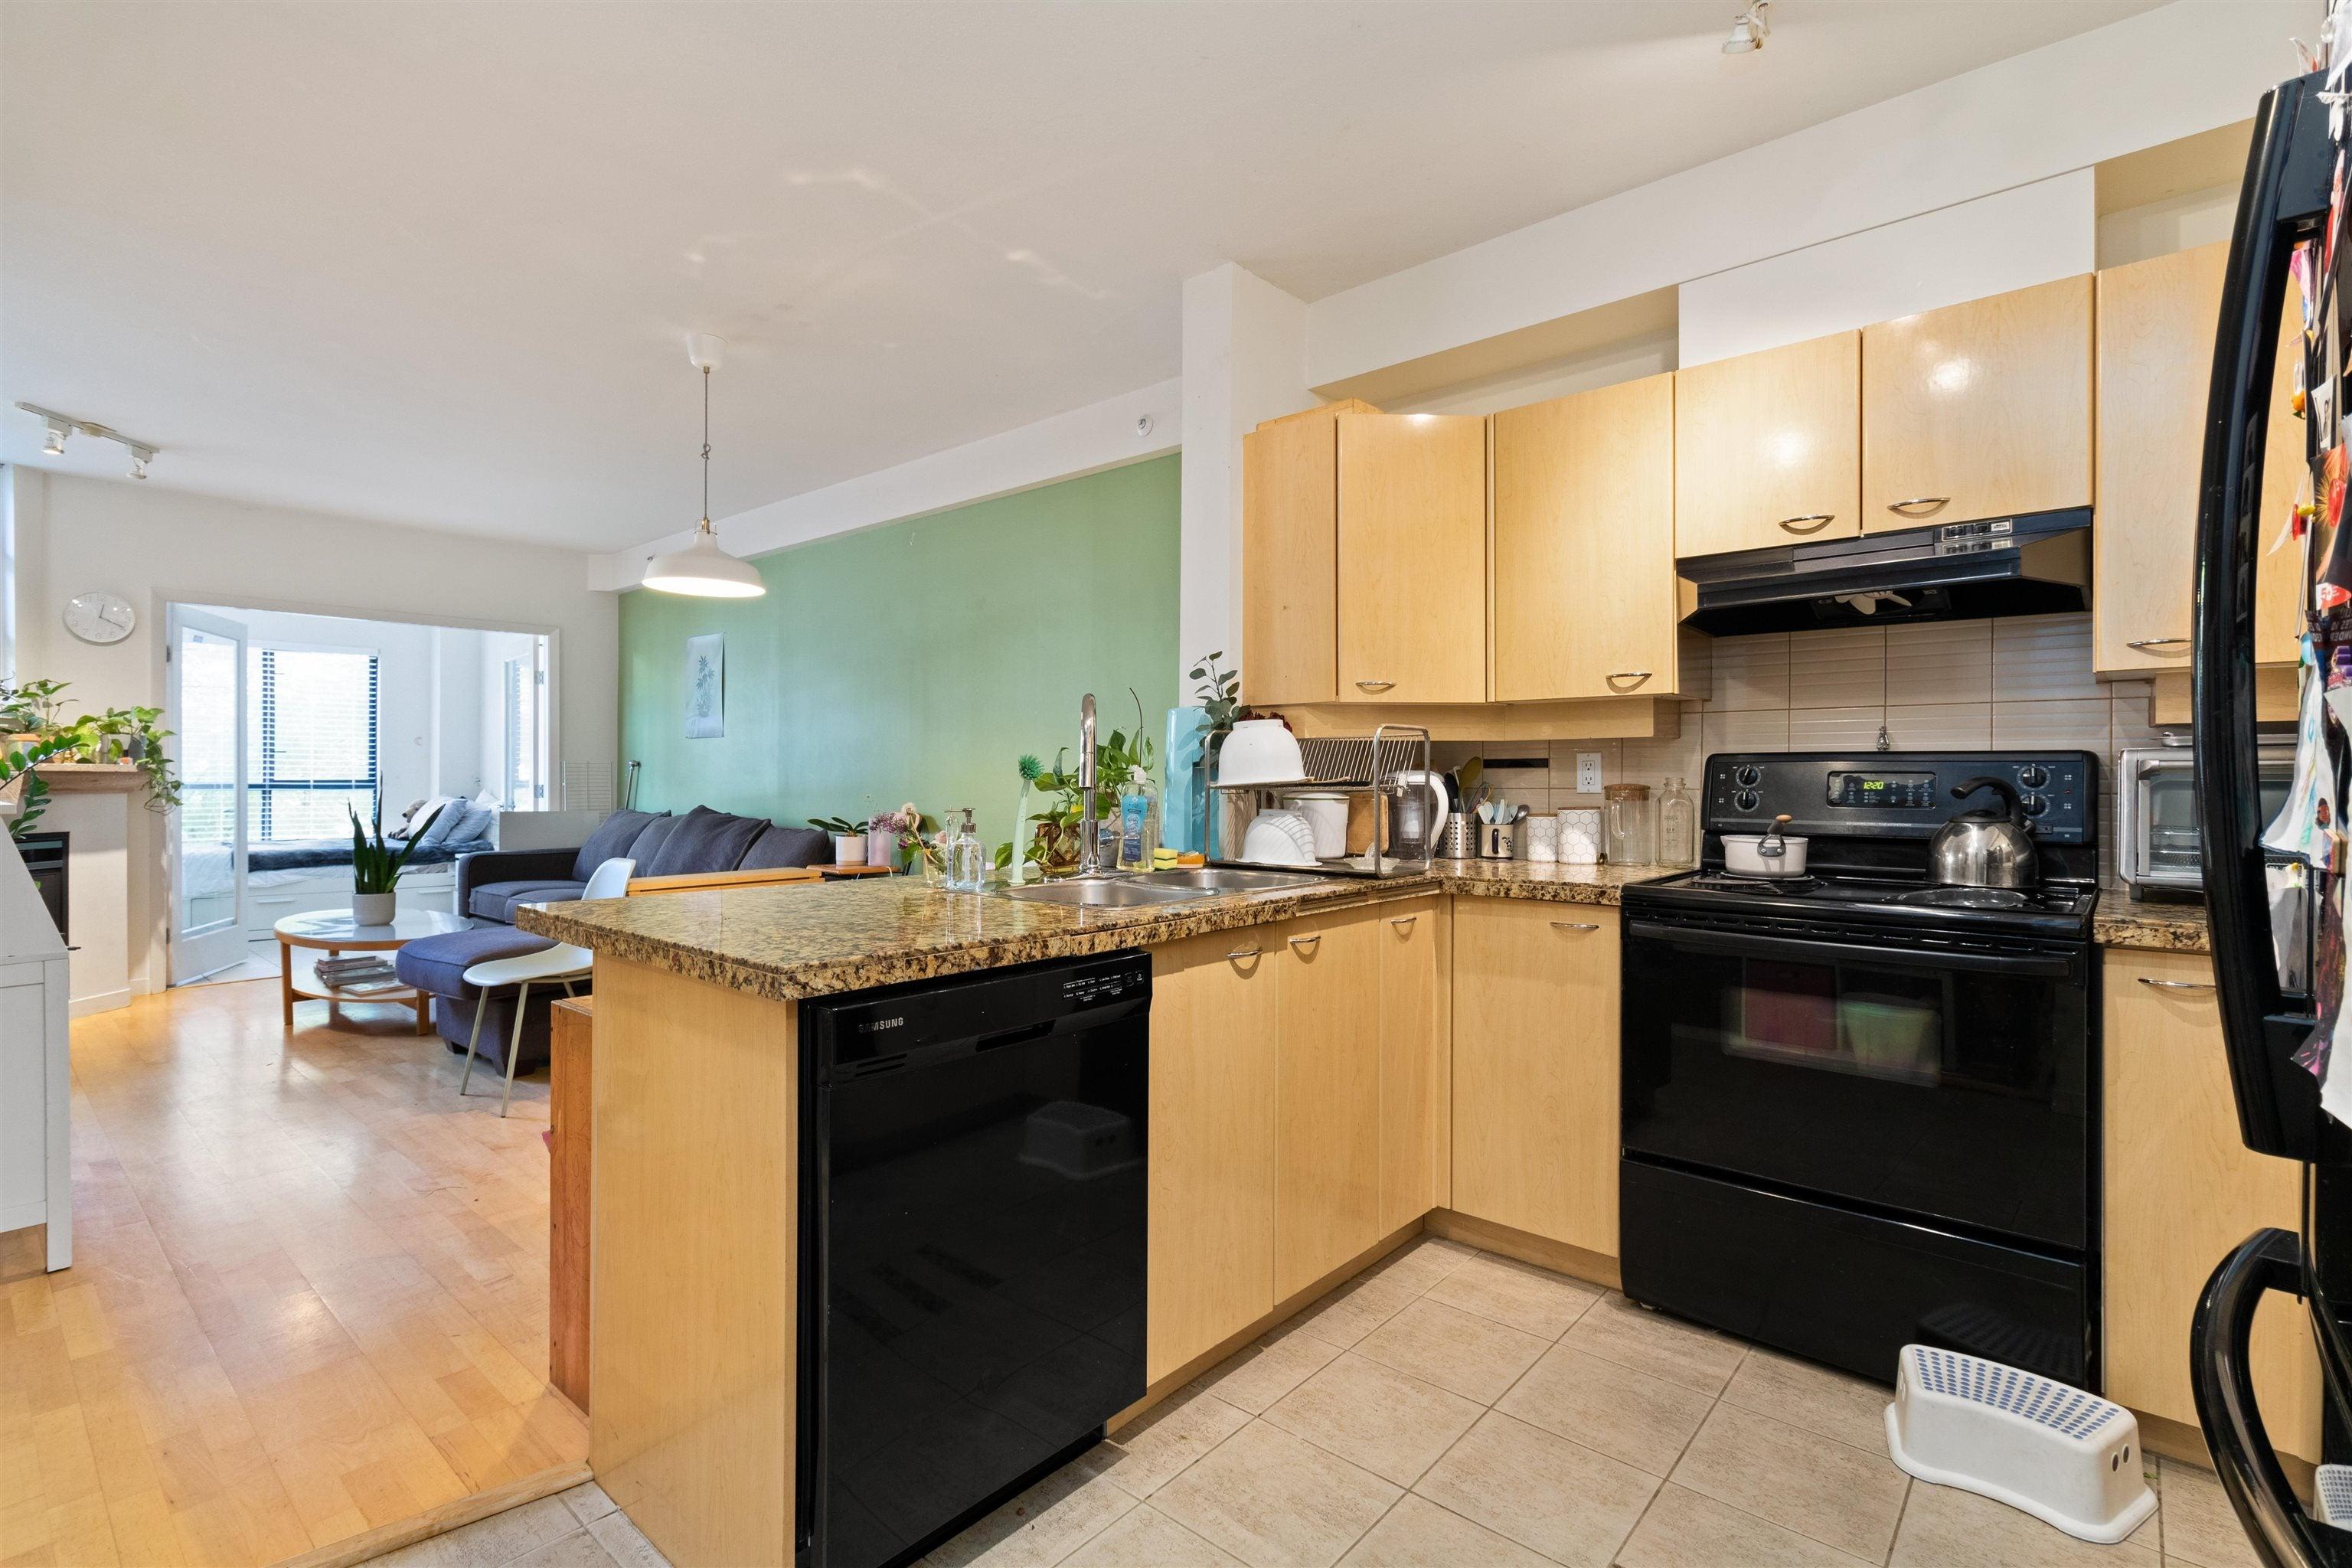 209 2228 MARSTRAND AVENUE - Kitsilano Apartment/Condo for sale, 1 Bedroom (R2617246) - #10